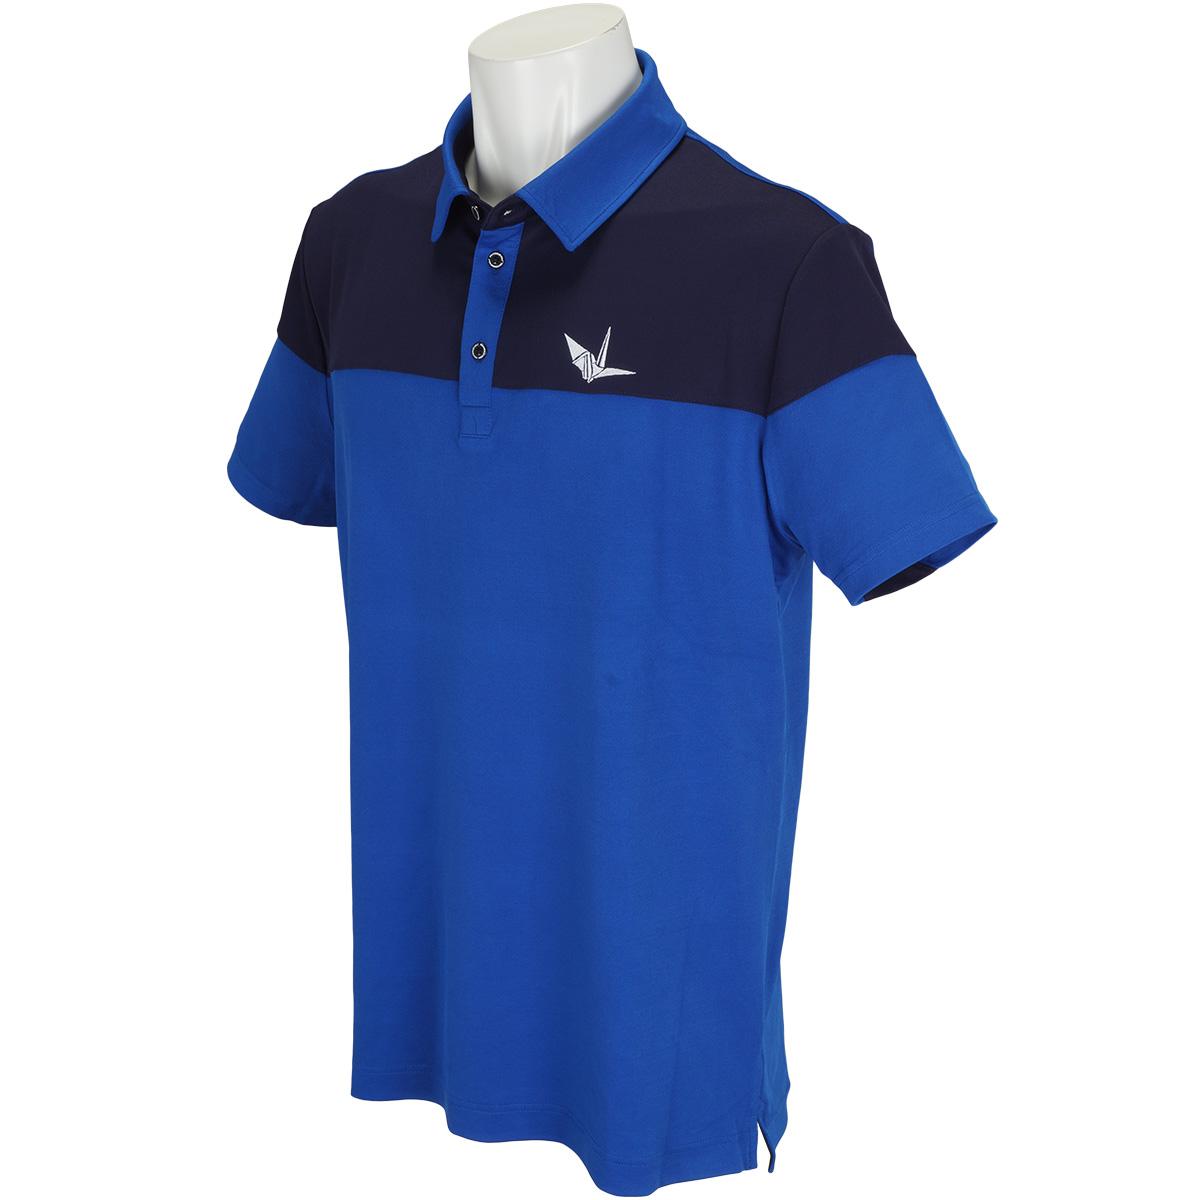 サイド半袖ポロシャツ